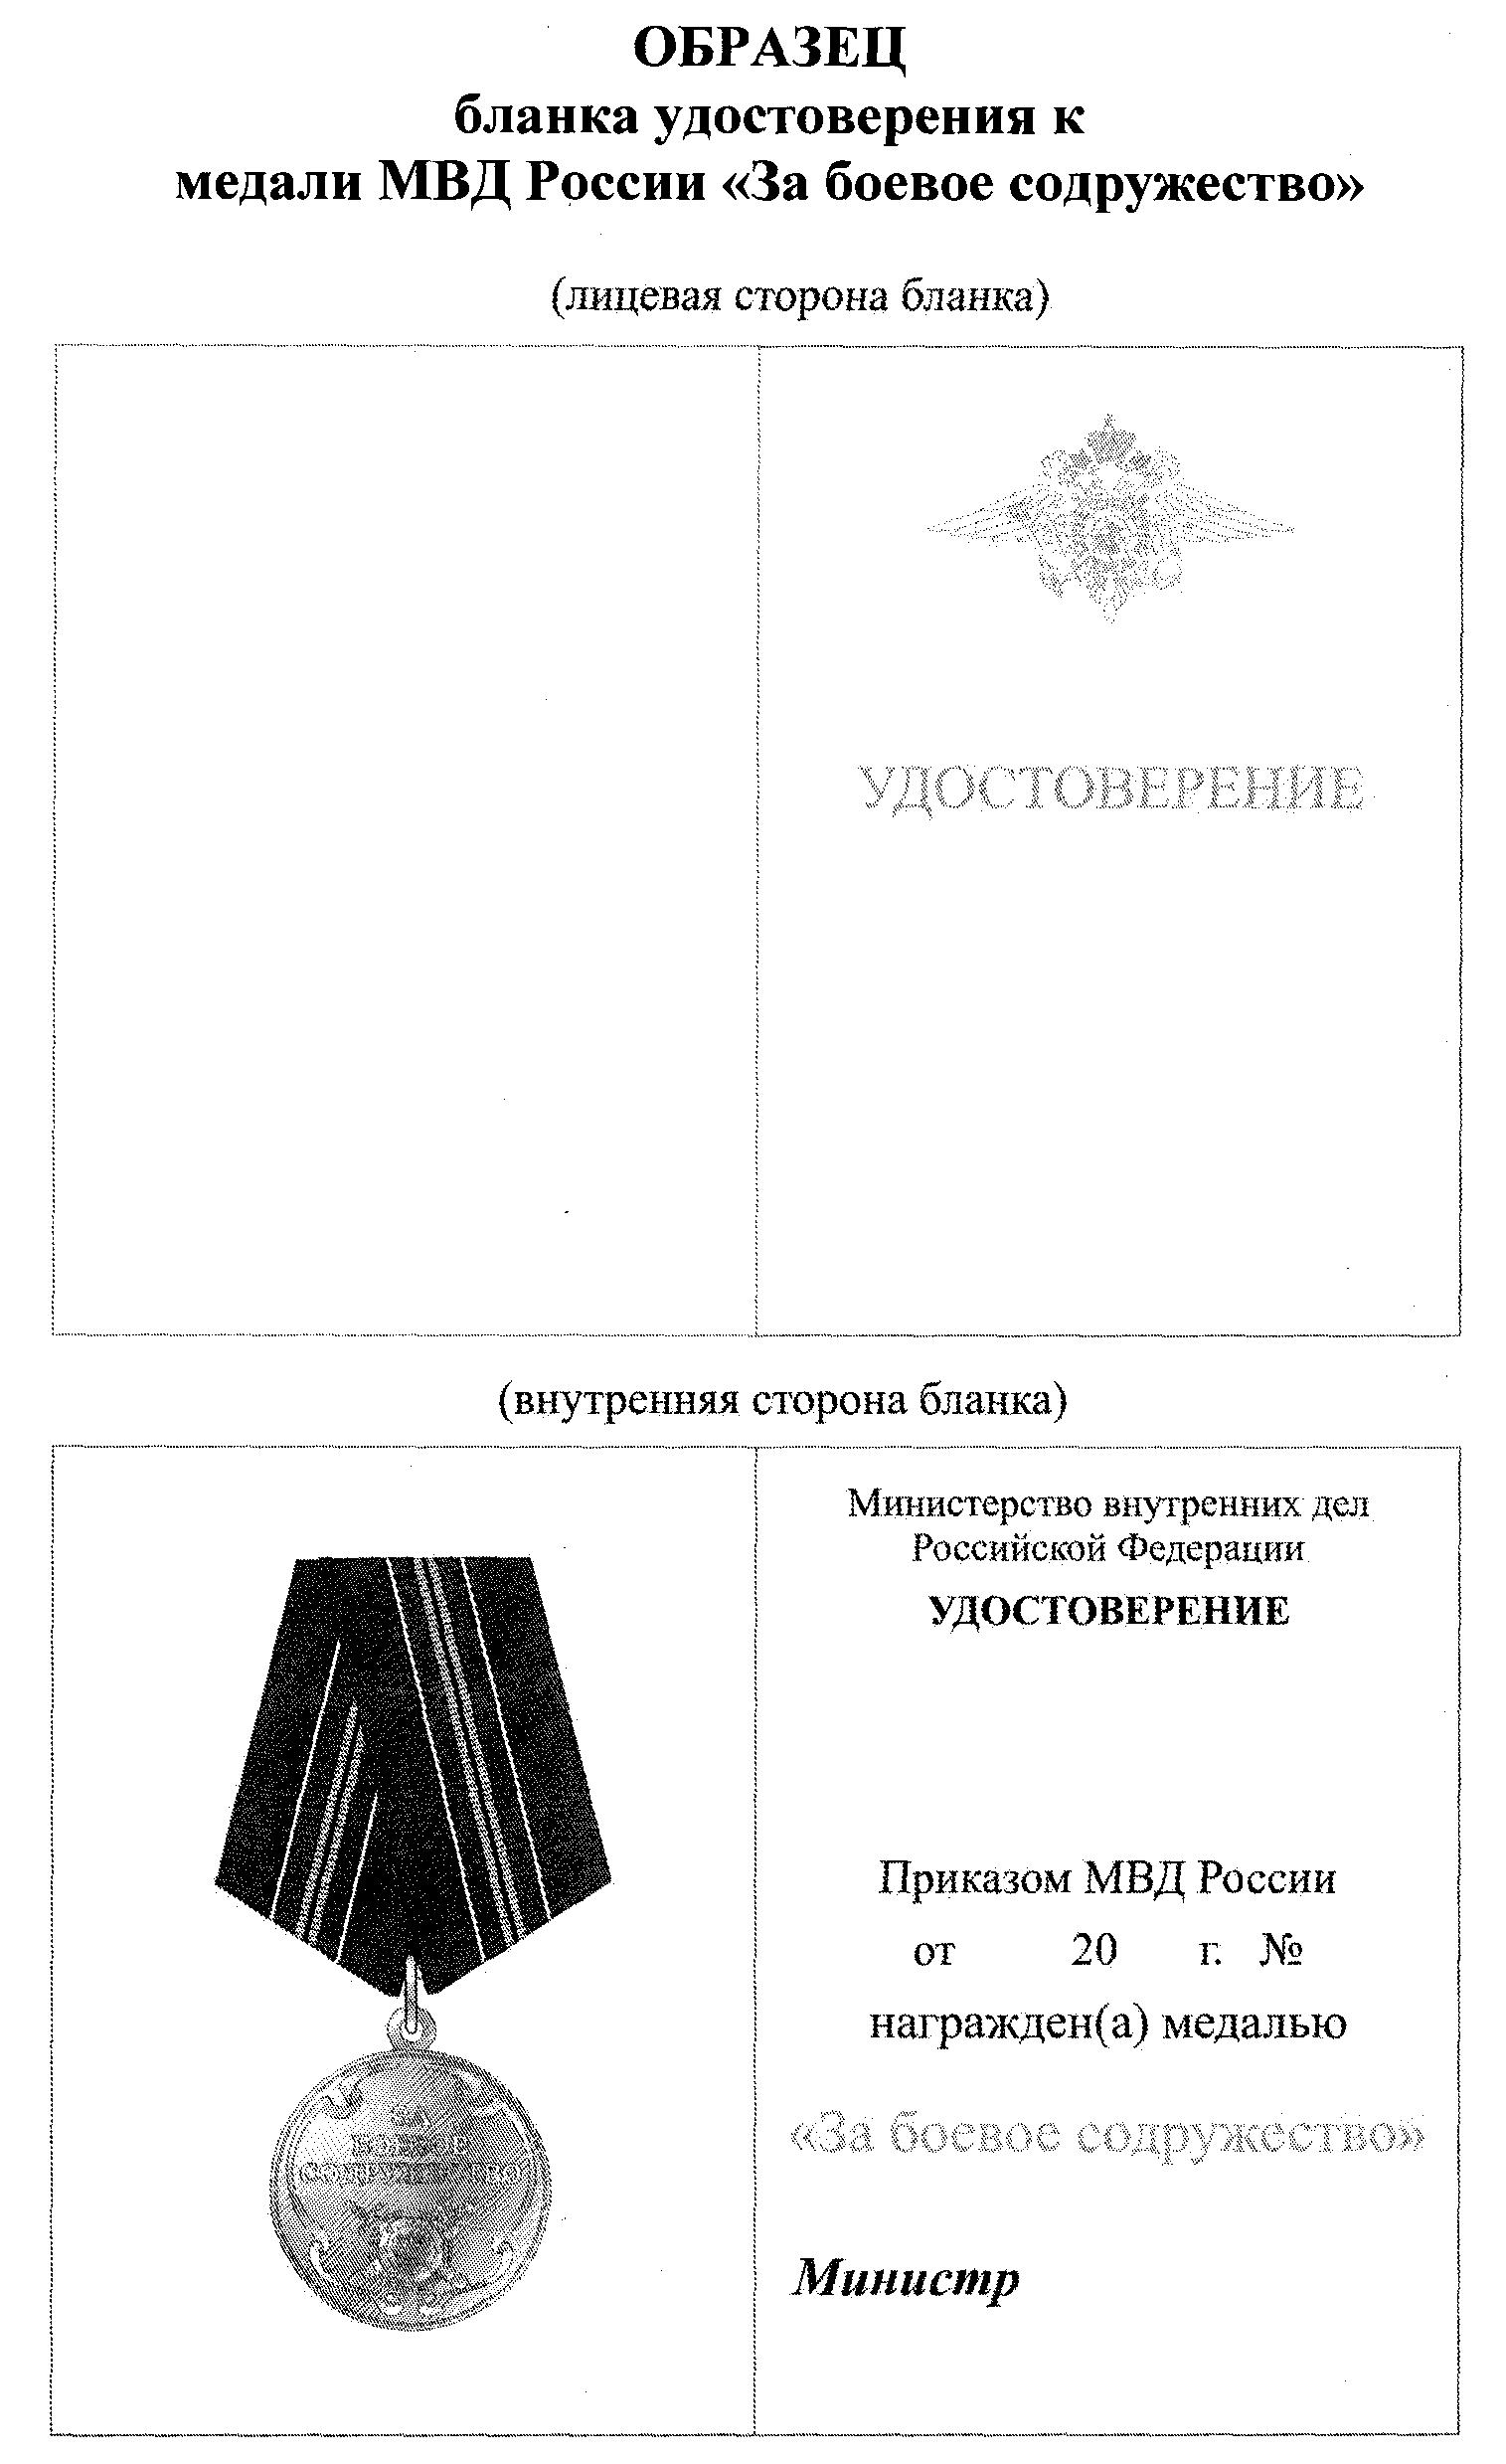 приказ мвд россии 495 от 29 апреля 2015 г-2